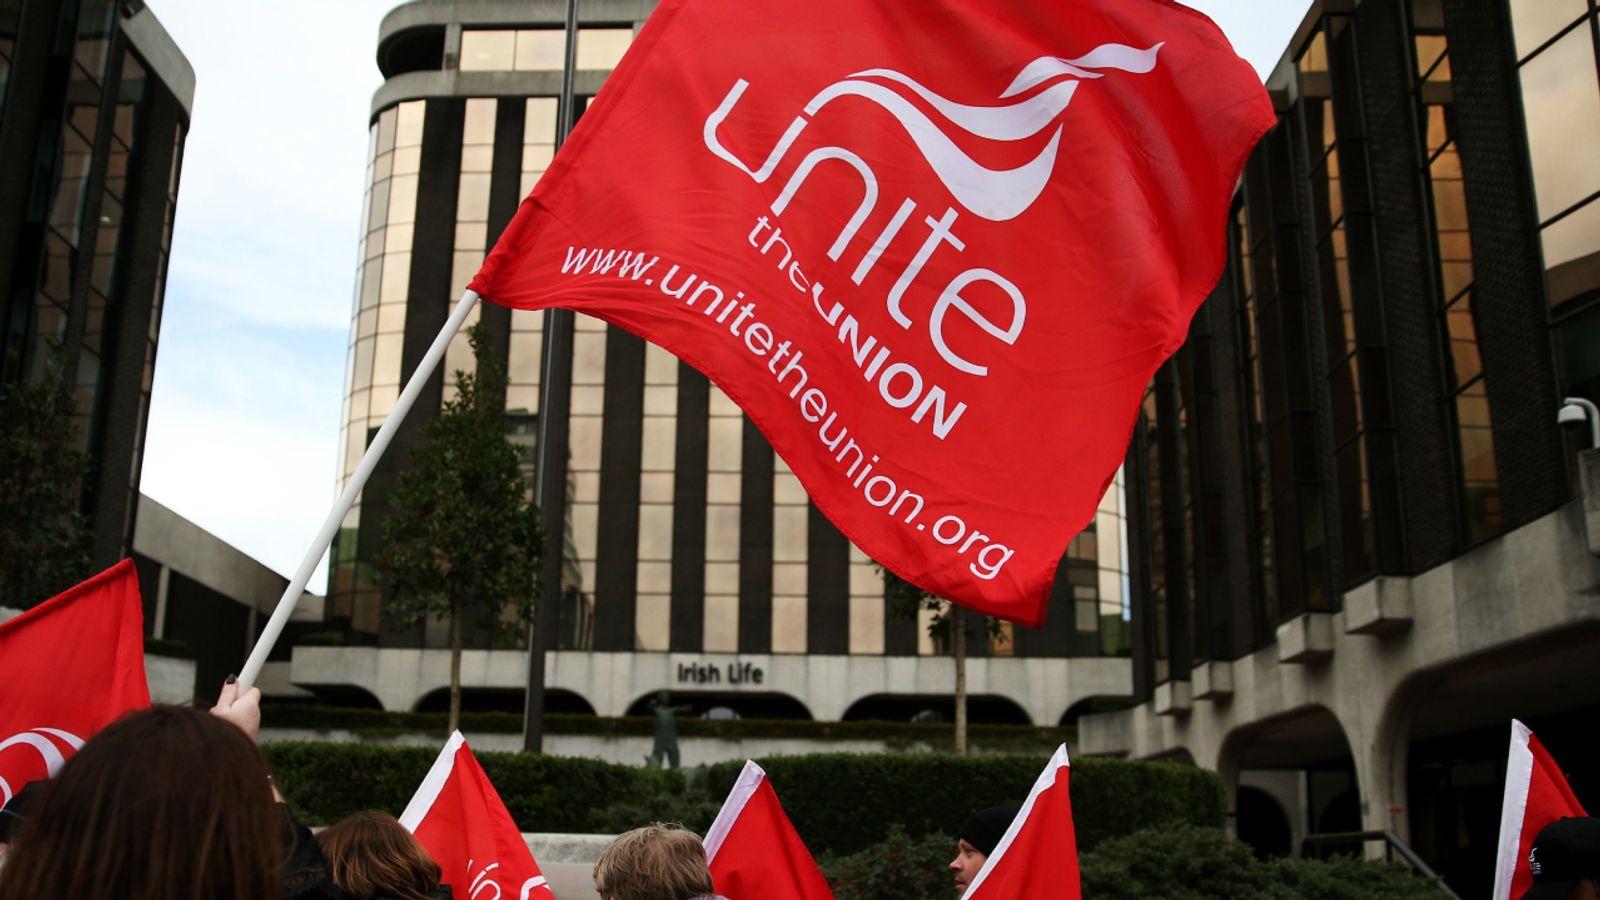 Unite leadership race under way as union announces election to decide Len McCluskey's successor